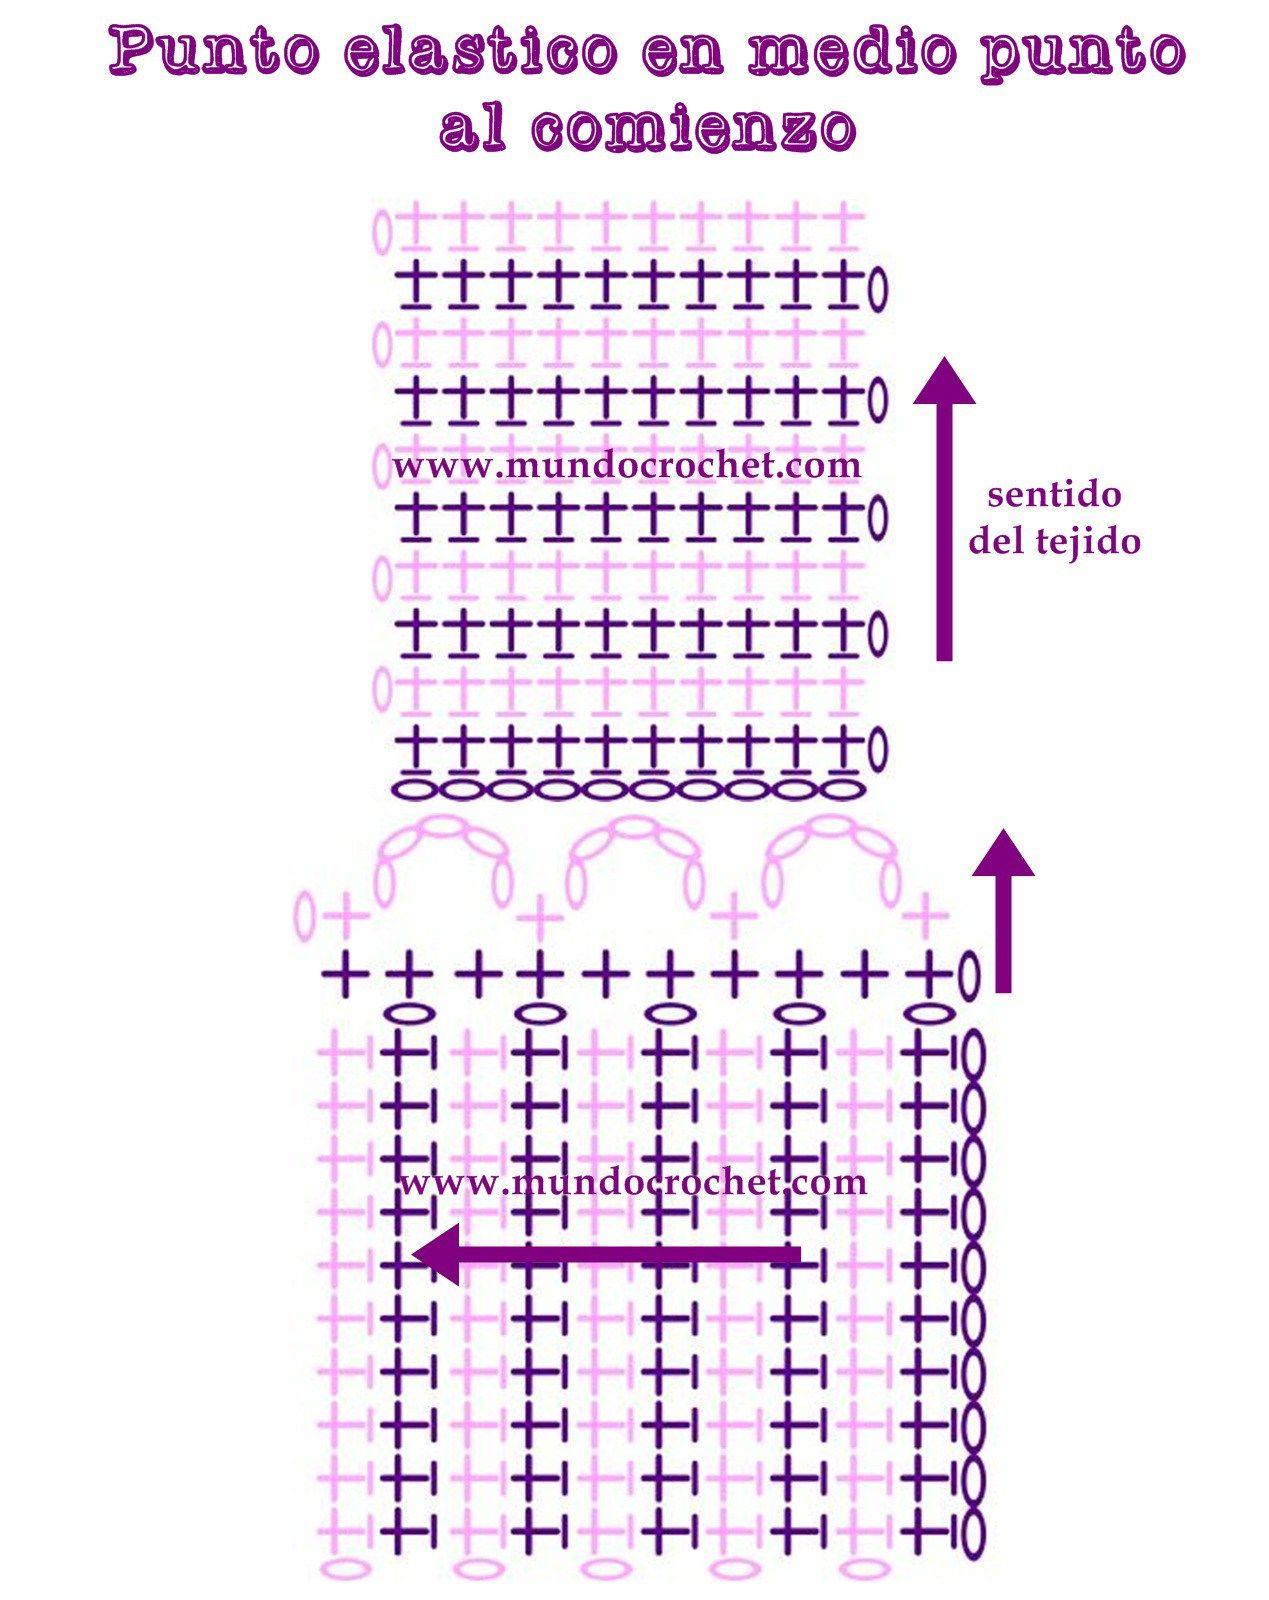 Como tejer el punto elastico con medio punto a crochet o ...